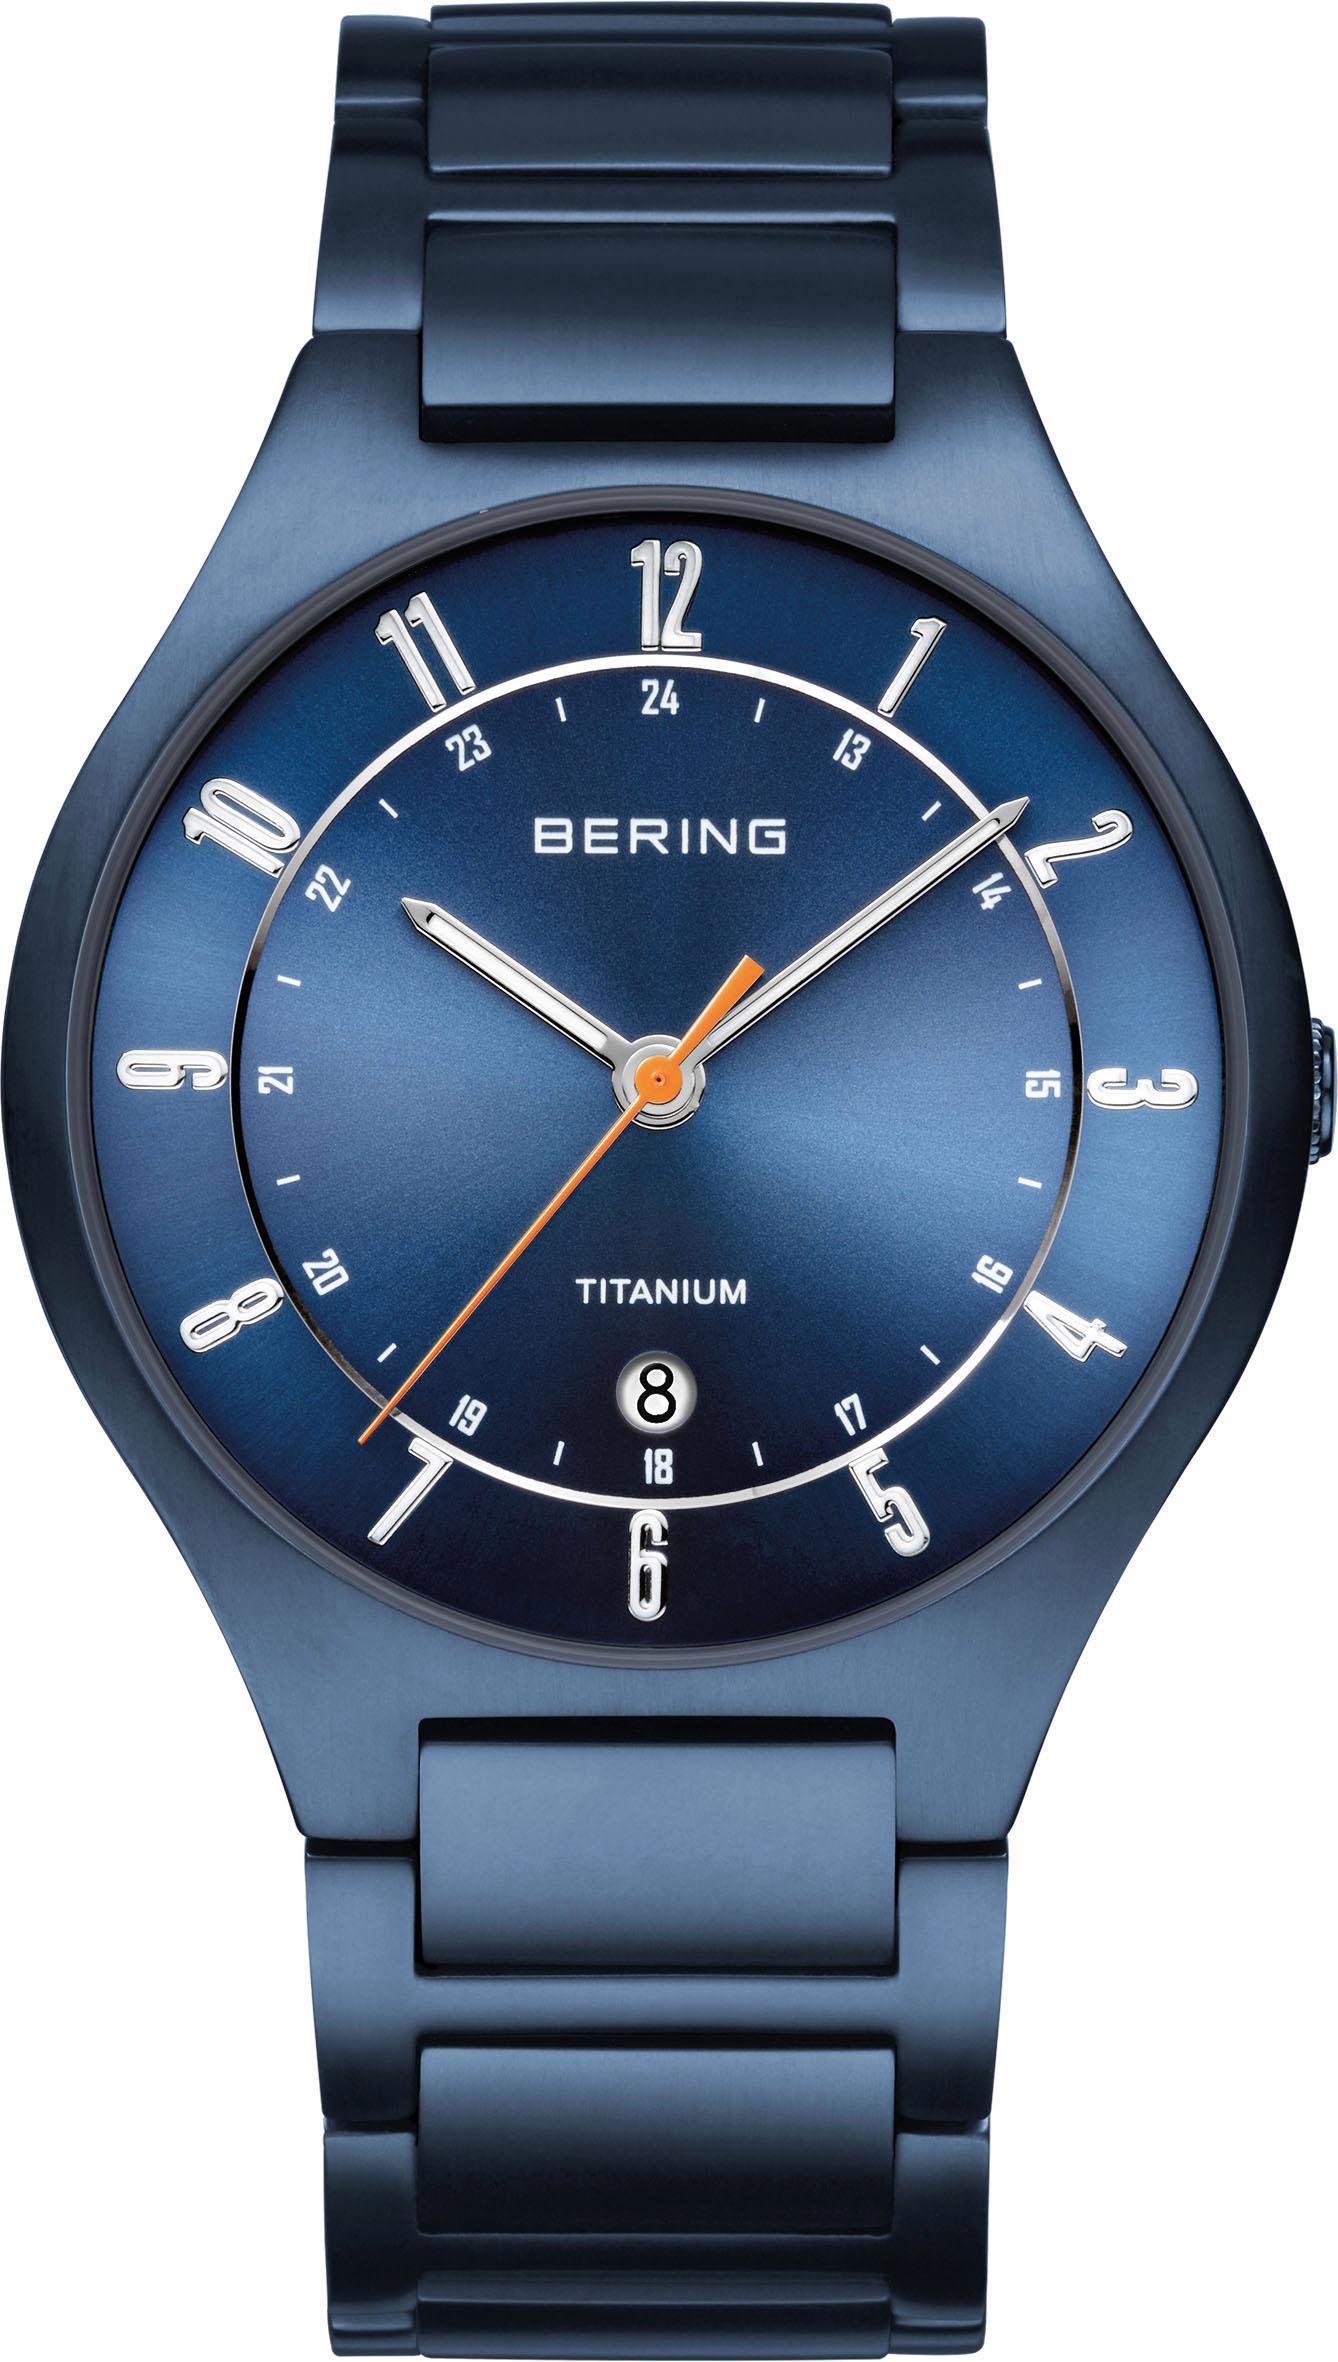 Bering Titanuhr 11739-797 | Uhren > Titanuhren | Blau | Bering